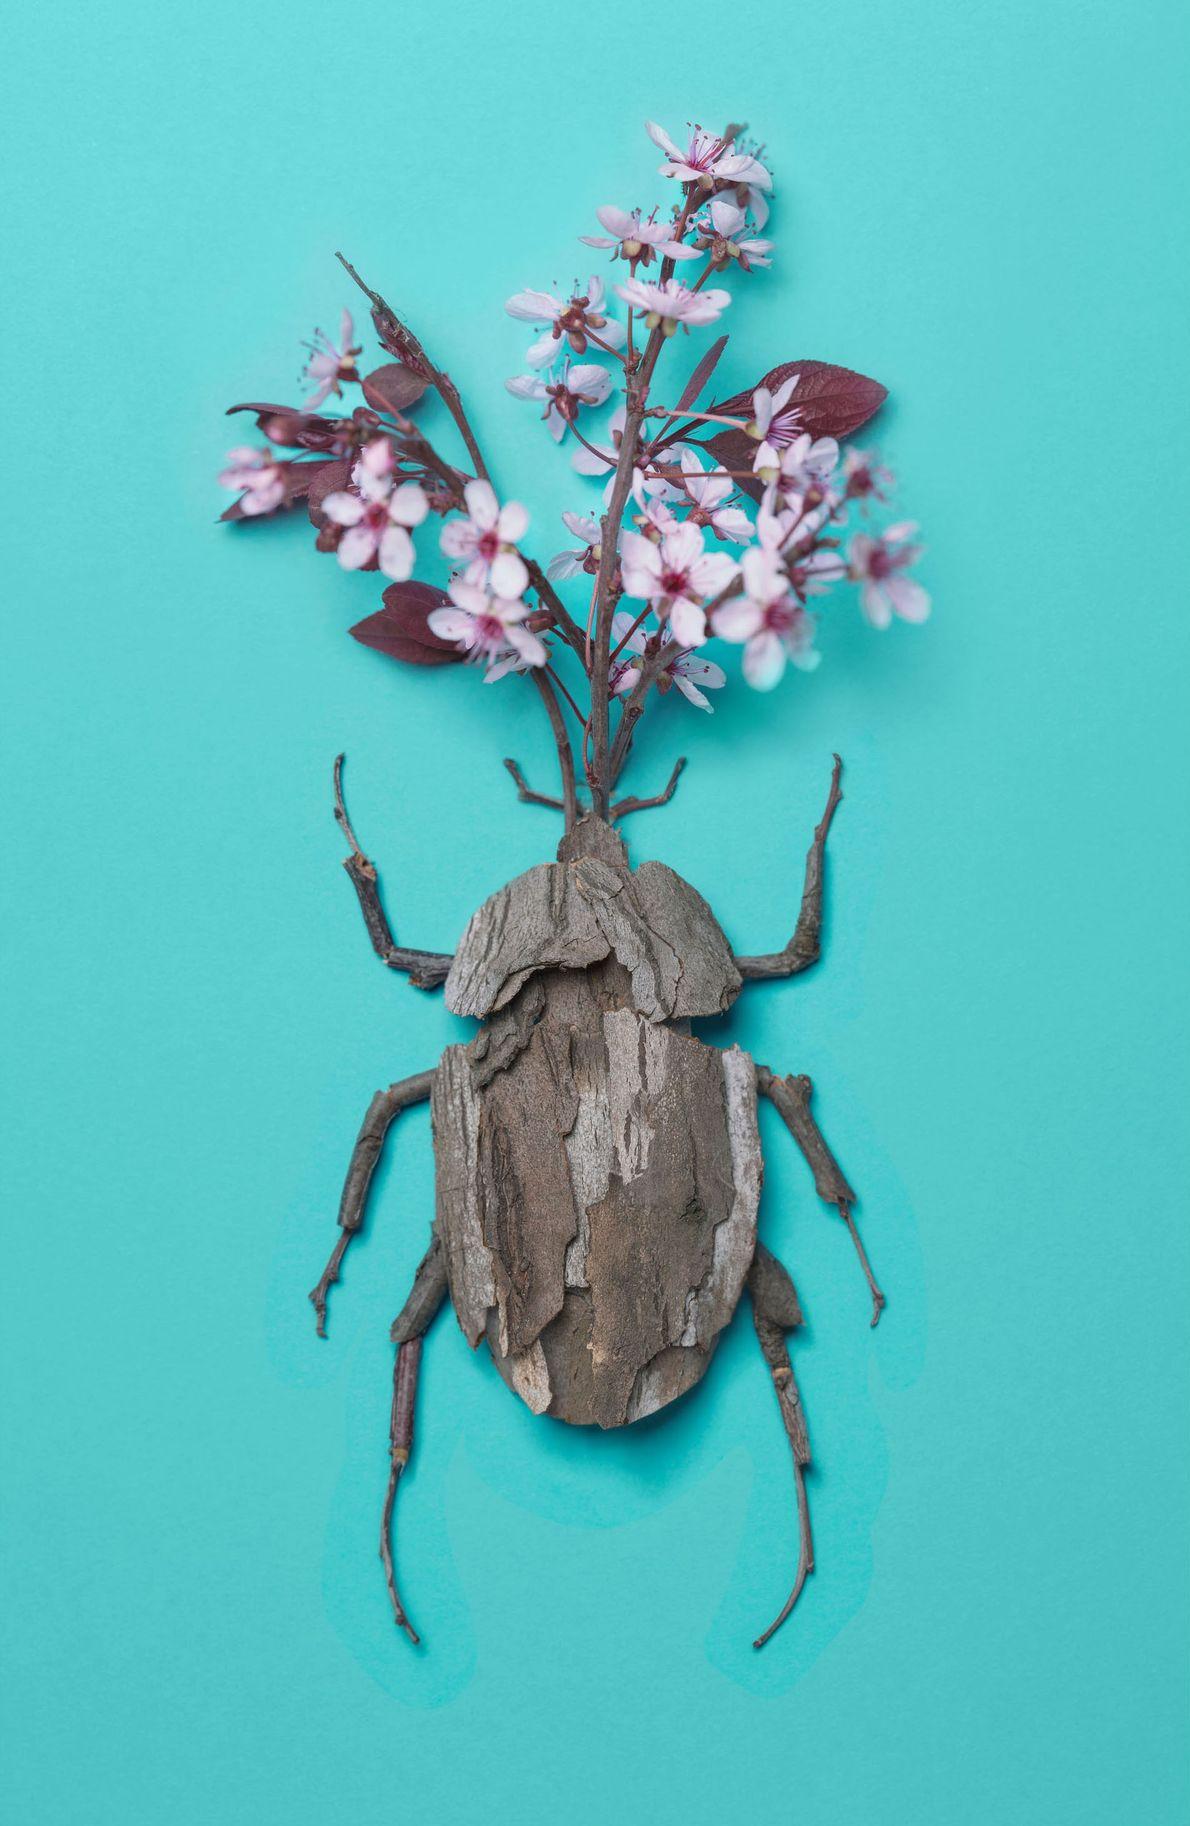 Un autre scarabée-rhinocéros japonais, réalisé cette fois avec des fleurs de prunier.